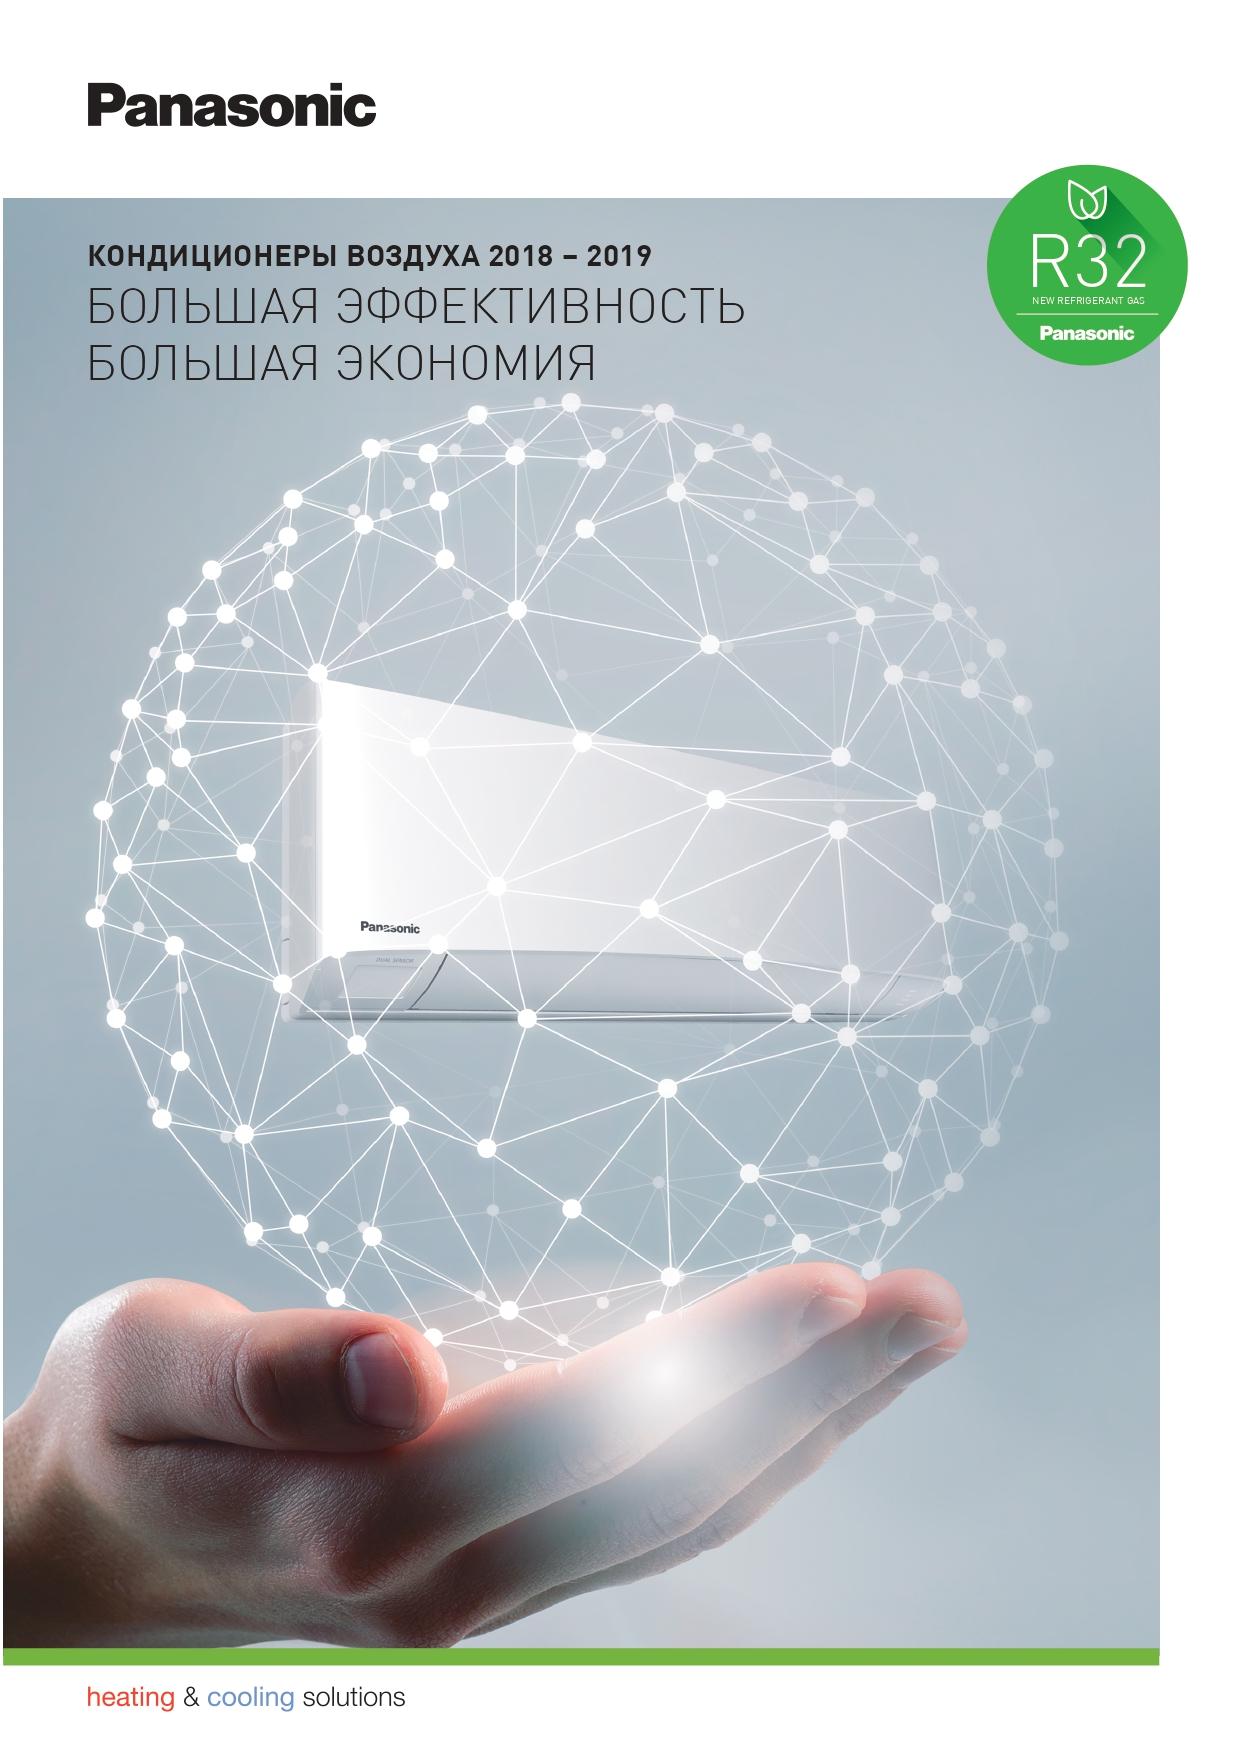 каталог Panasonic инверторные сплит-системы 2011